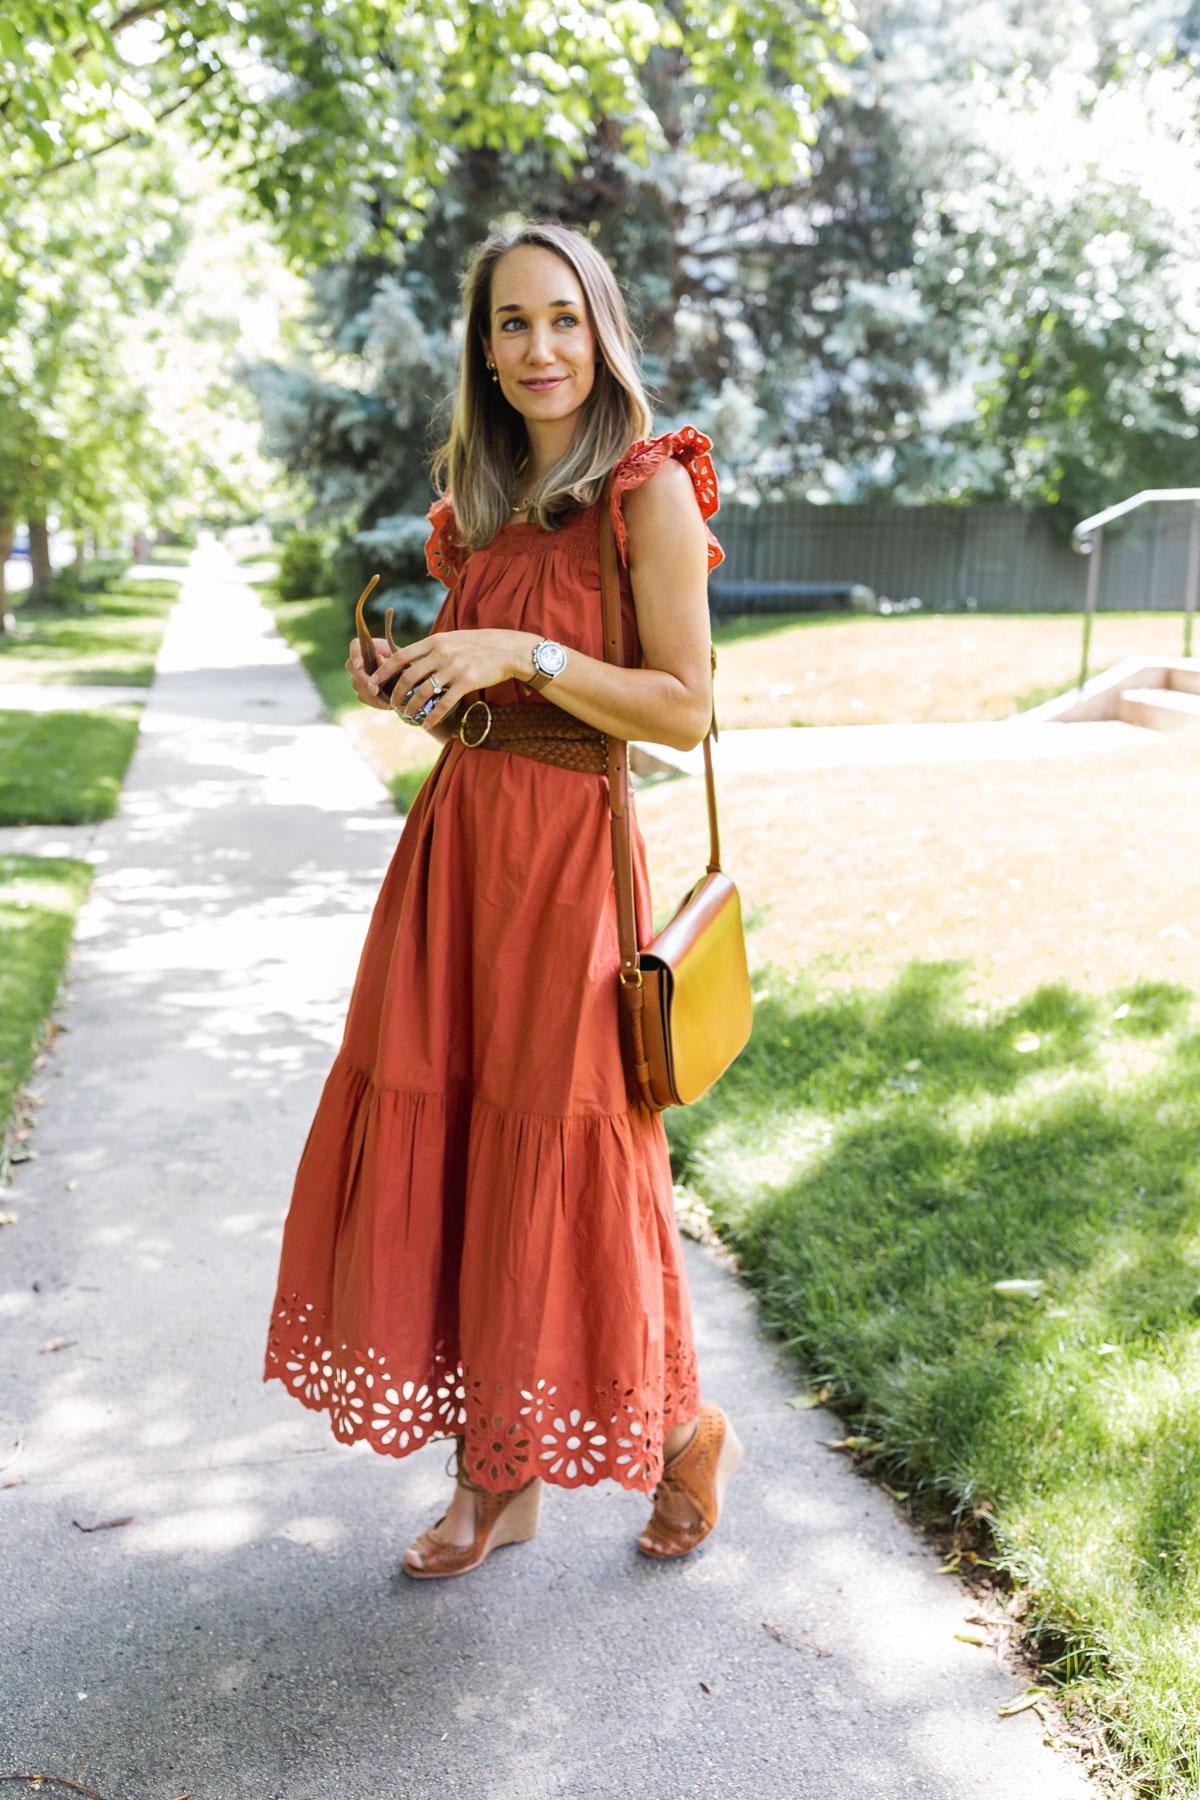 Eyelet dress for summer